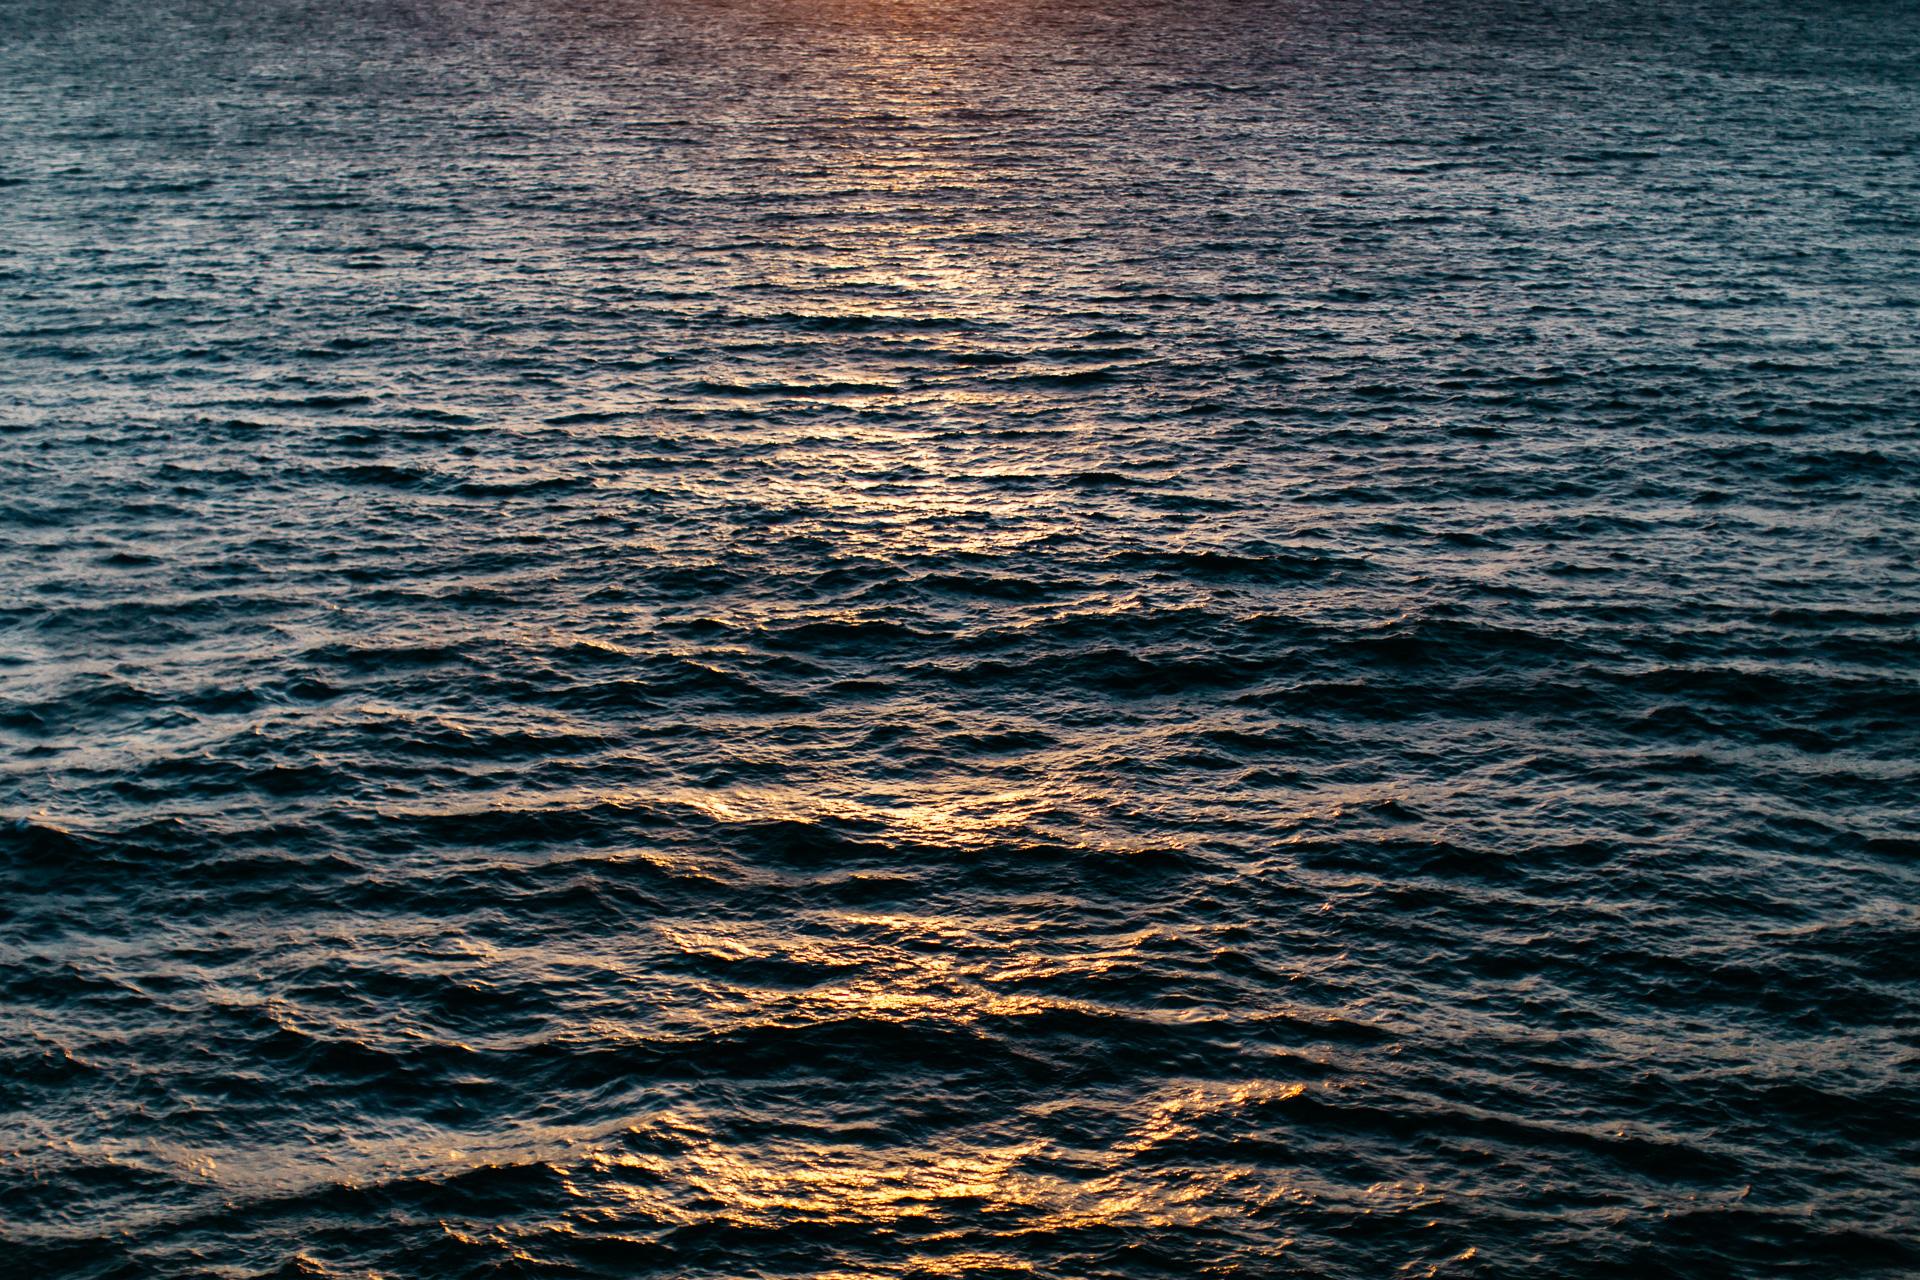 Damien-Dohmen-photographe-Ocean-29